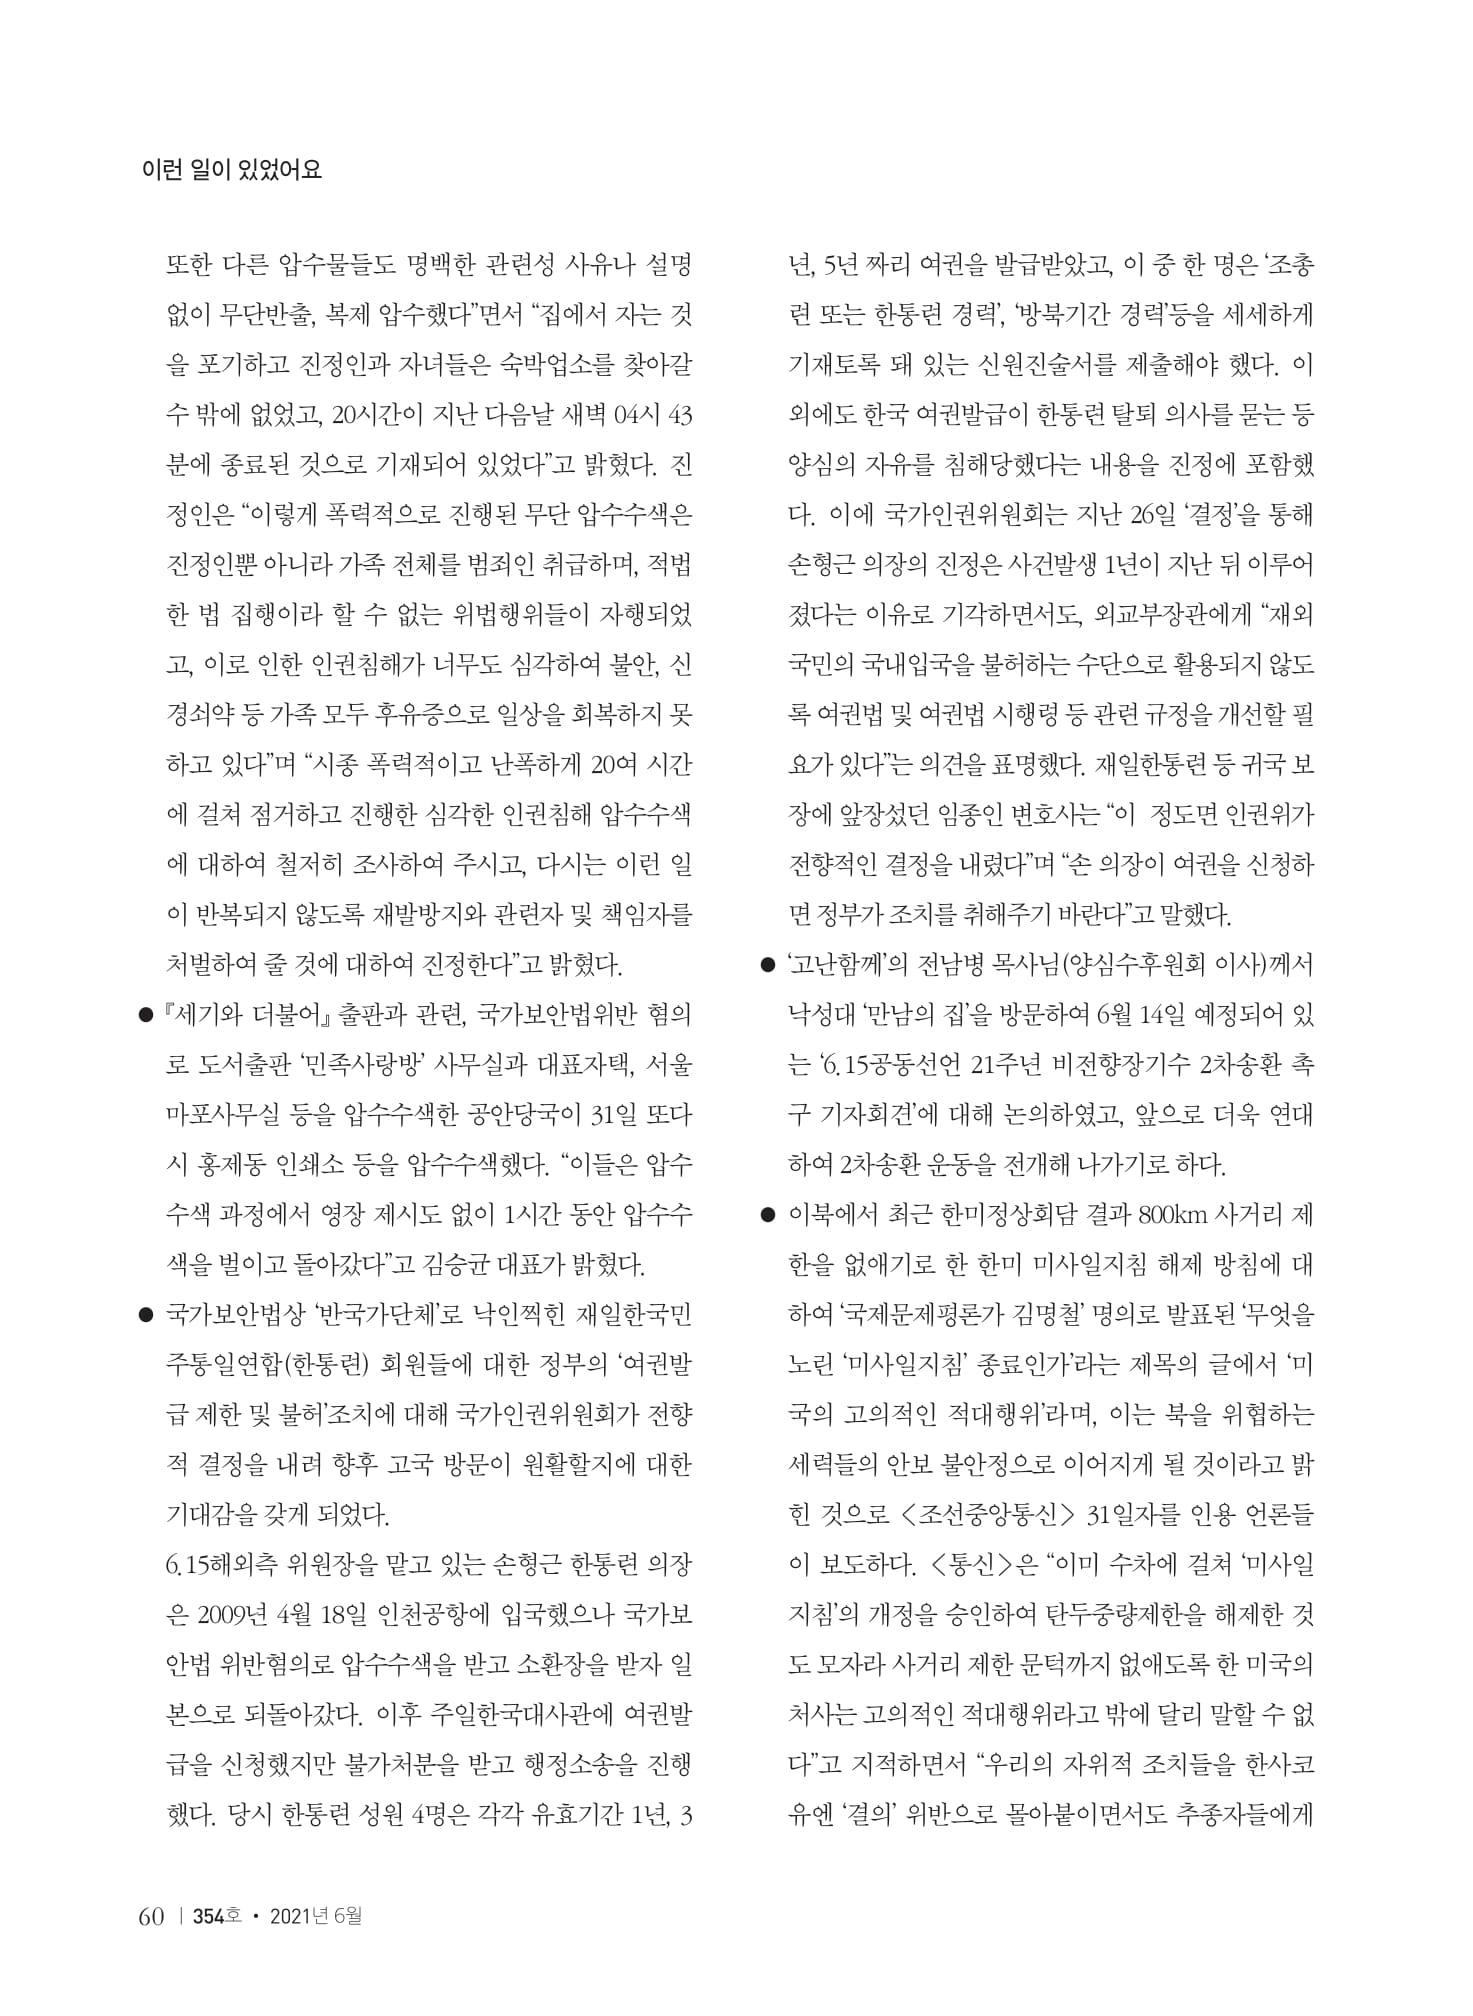 [양심수후원회] 소식지 354호 web 수정-62.jpg